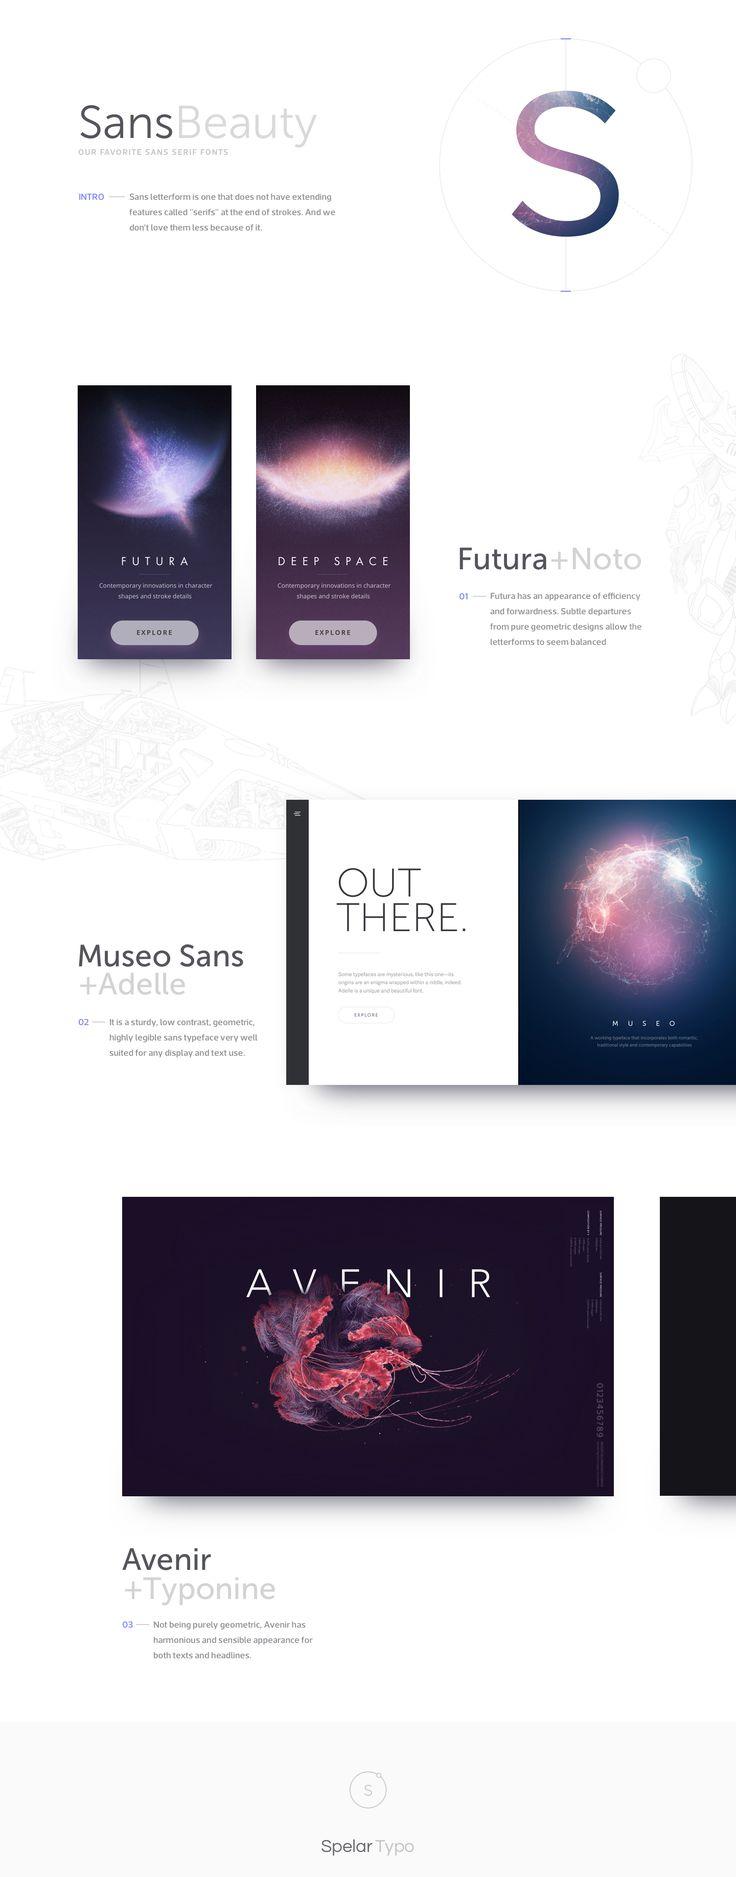 Sans Beauty - Our Facorite Sans Serif Fonts (Webpage design)